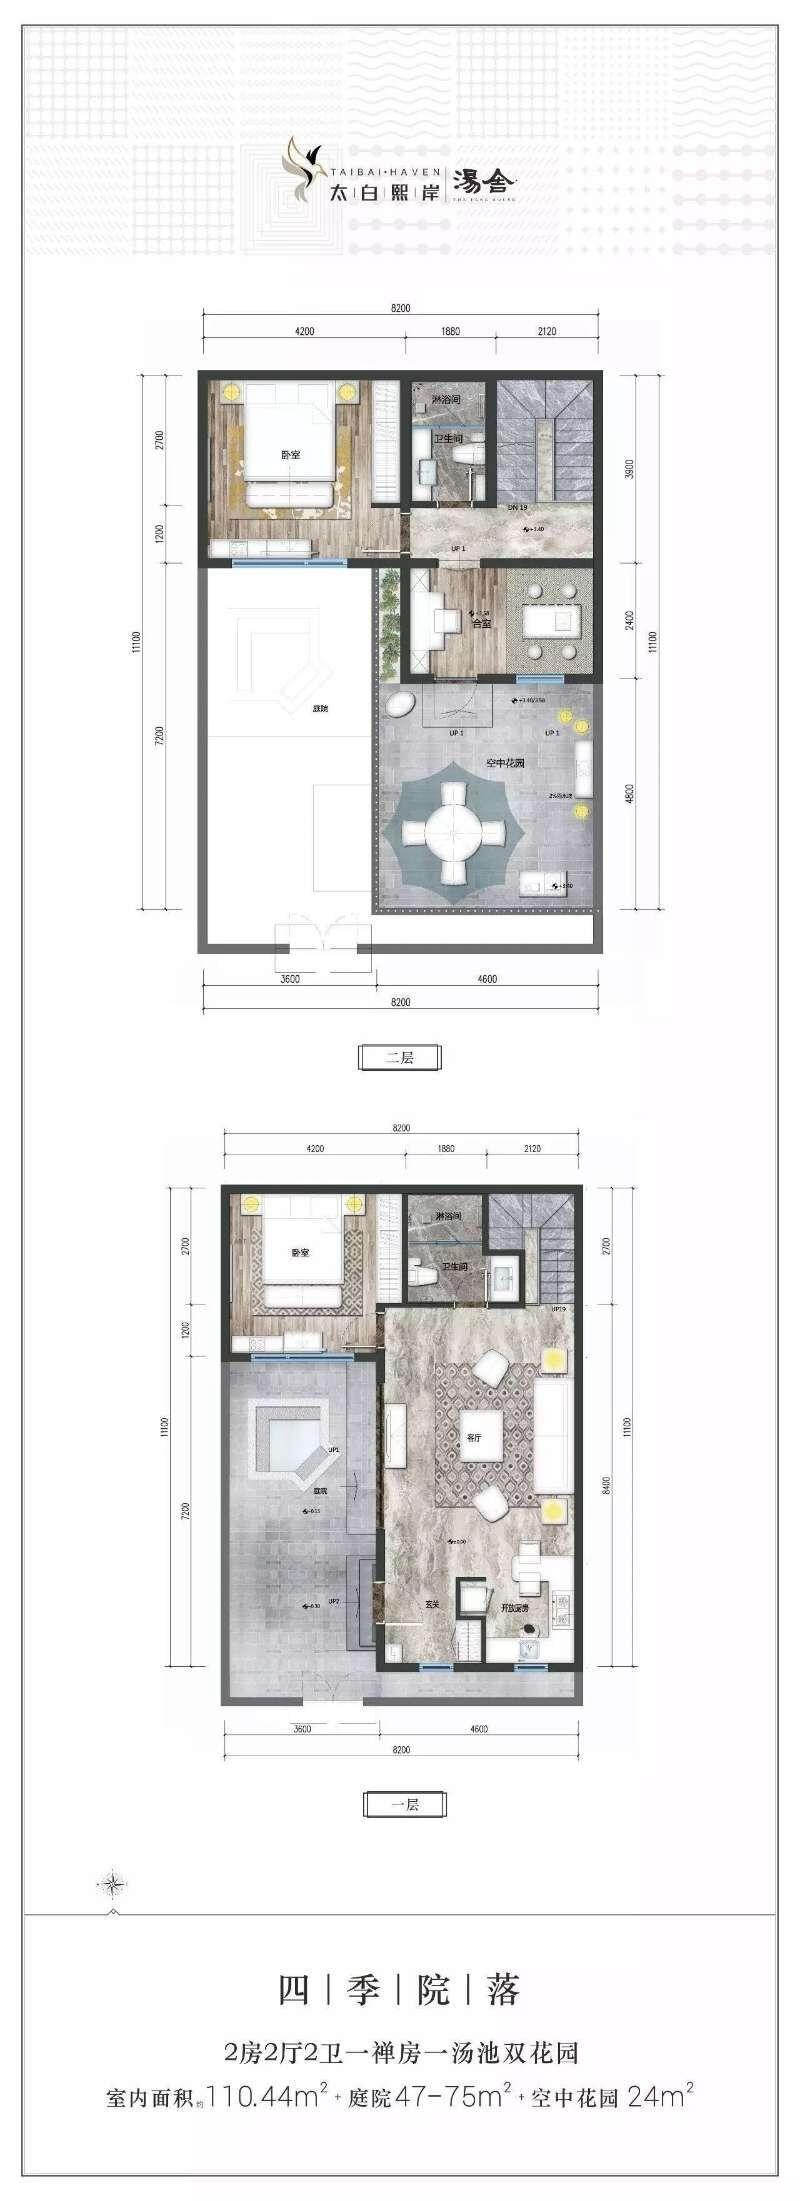 汤舍2房2厅2卫一禅房一汤池双花园户型图110.44㎡